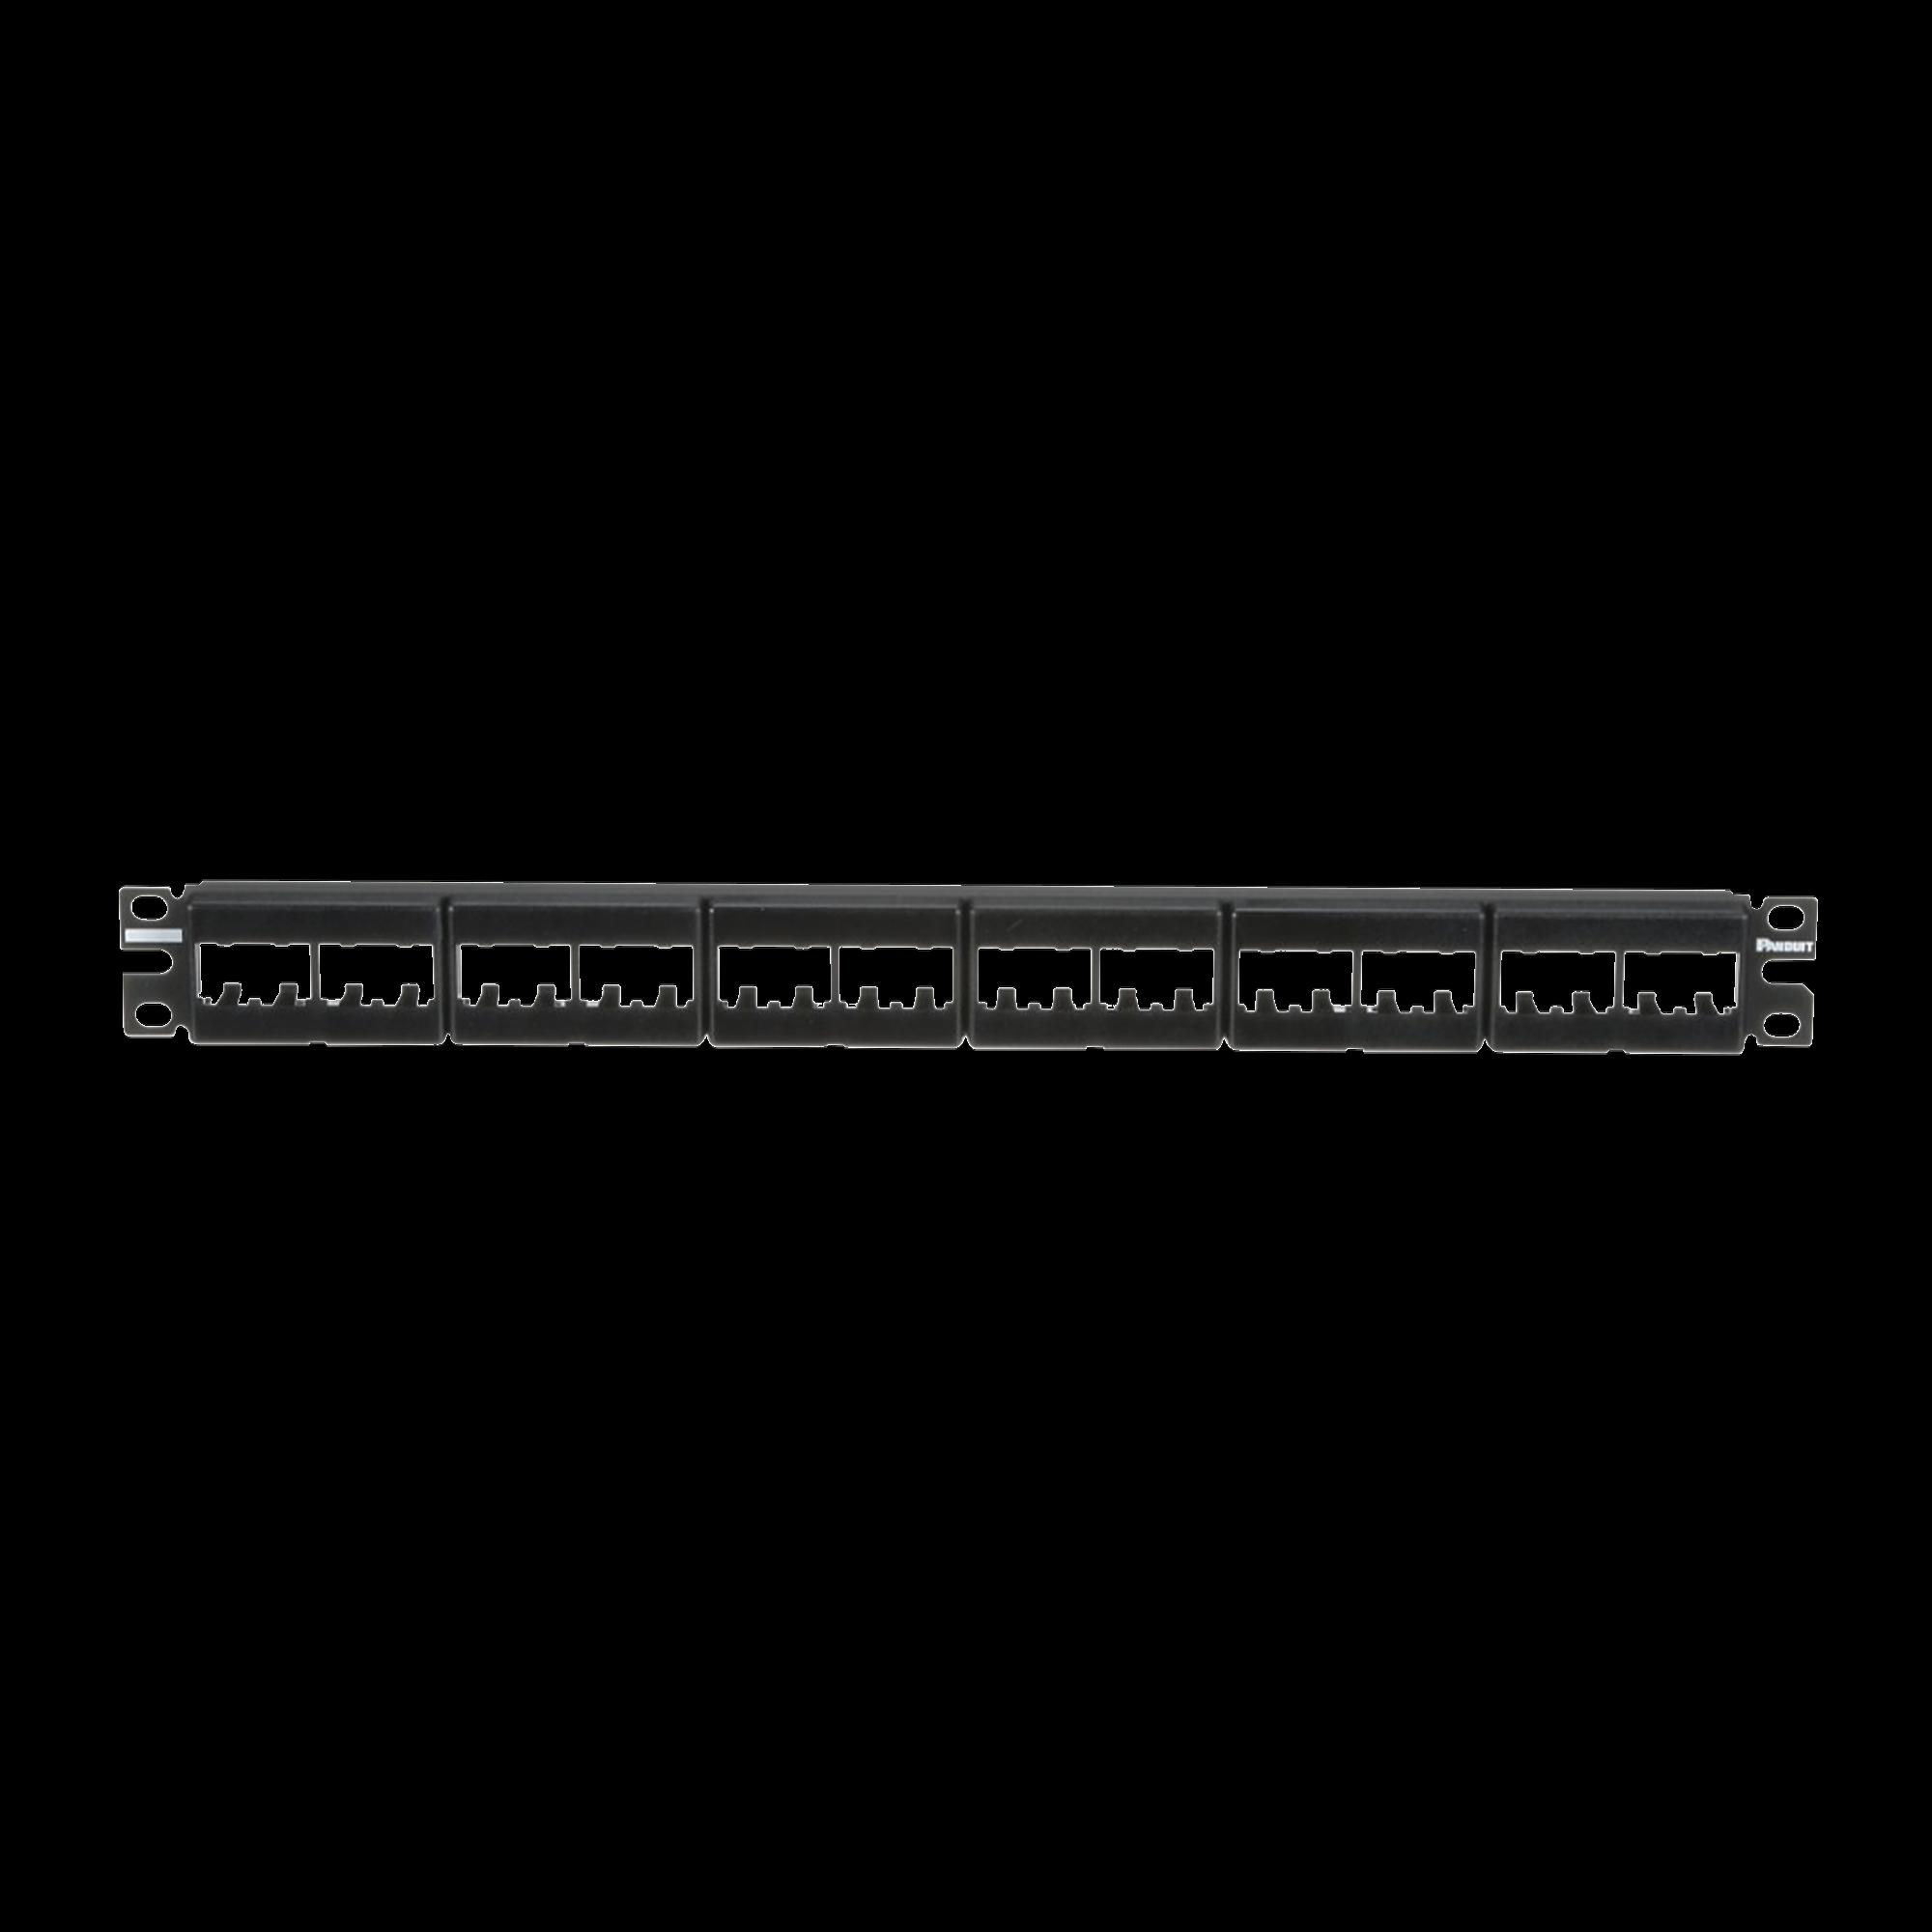 Panel de Parcheo Modular Mini-Com (Sin Conectores), Plano, Sin Blindaje, Con Etiqueta y Cubierta, de 24 puertos, 1UR